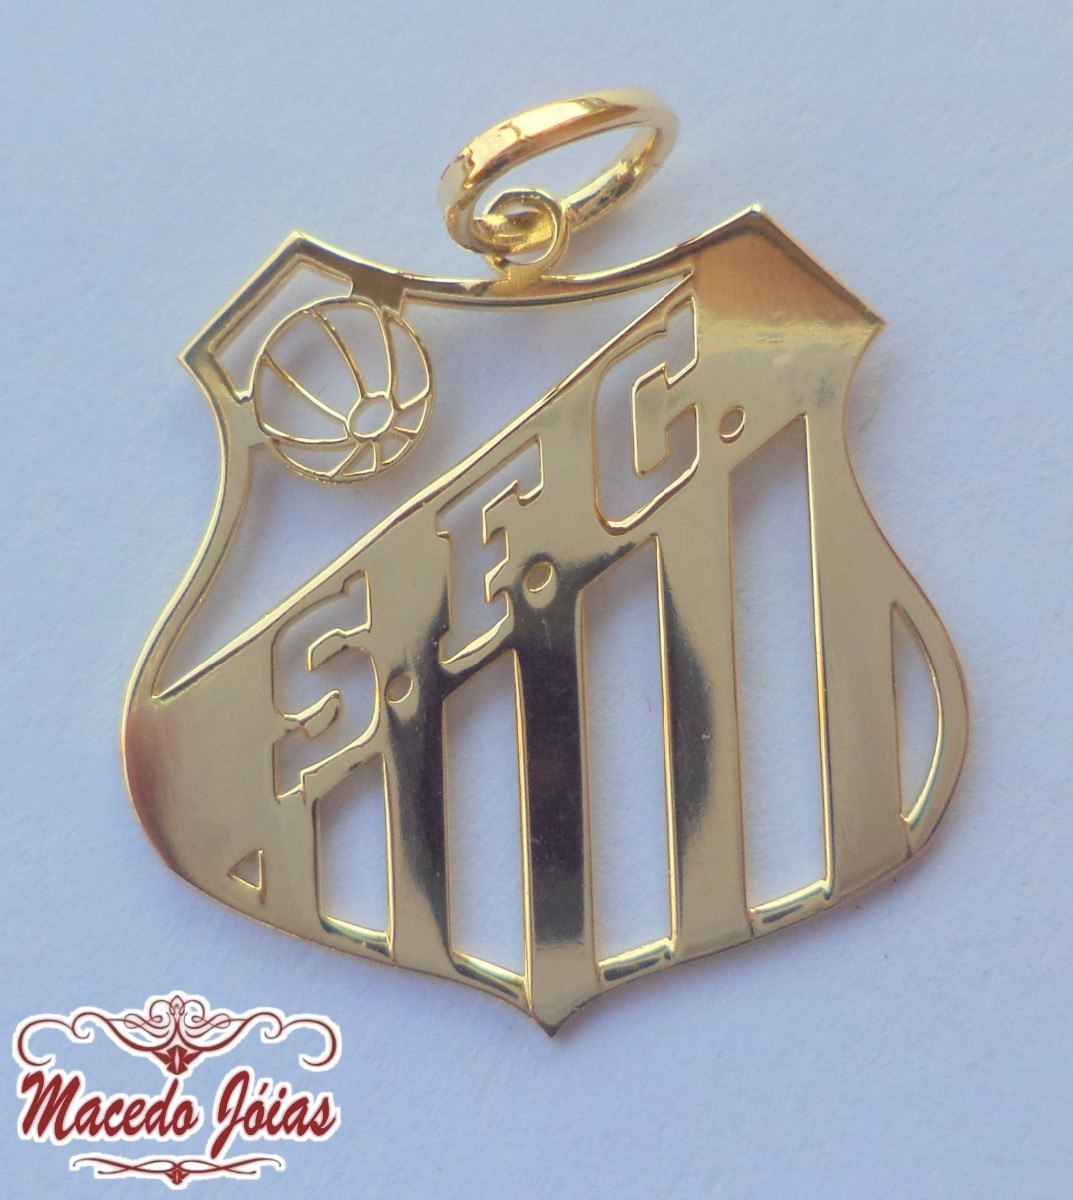 pingente prata banho ouro time santos futebol clube belmiro. Carregando  zoom. 8e7d487e923db